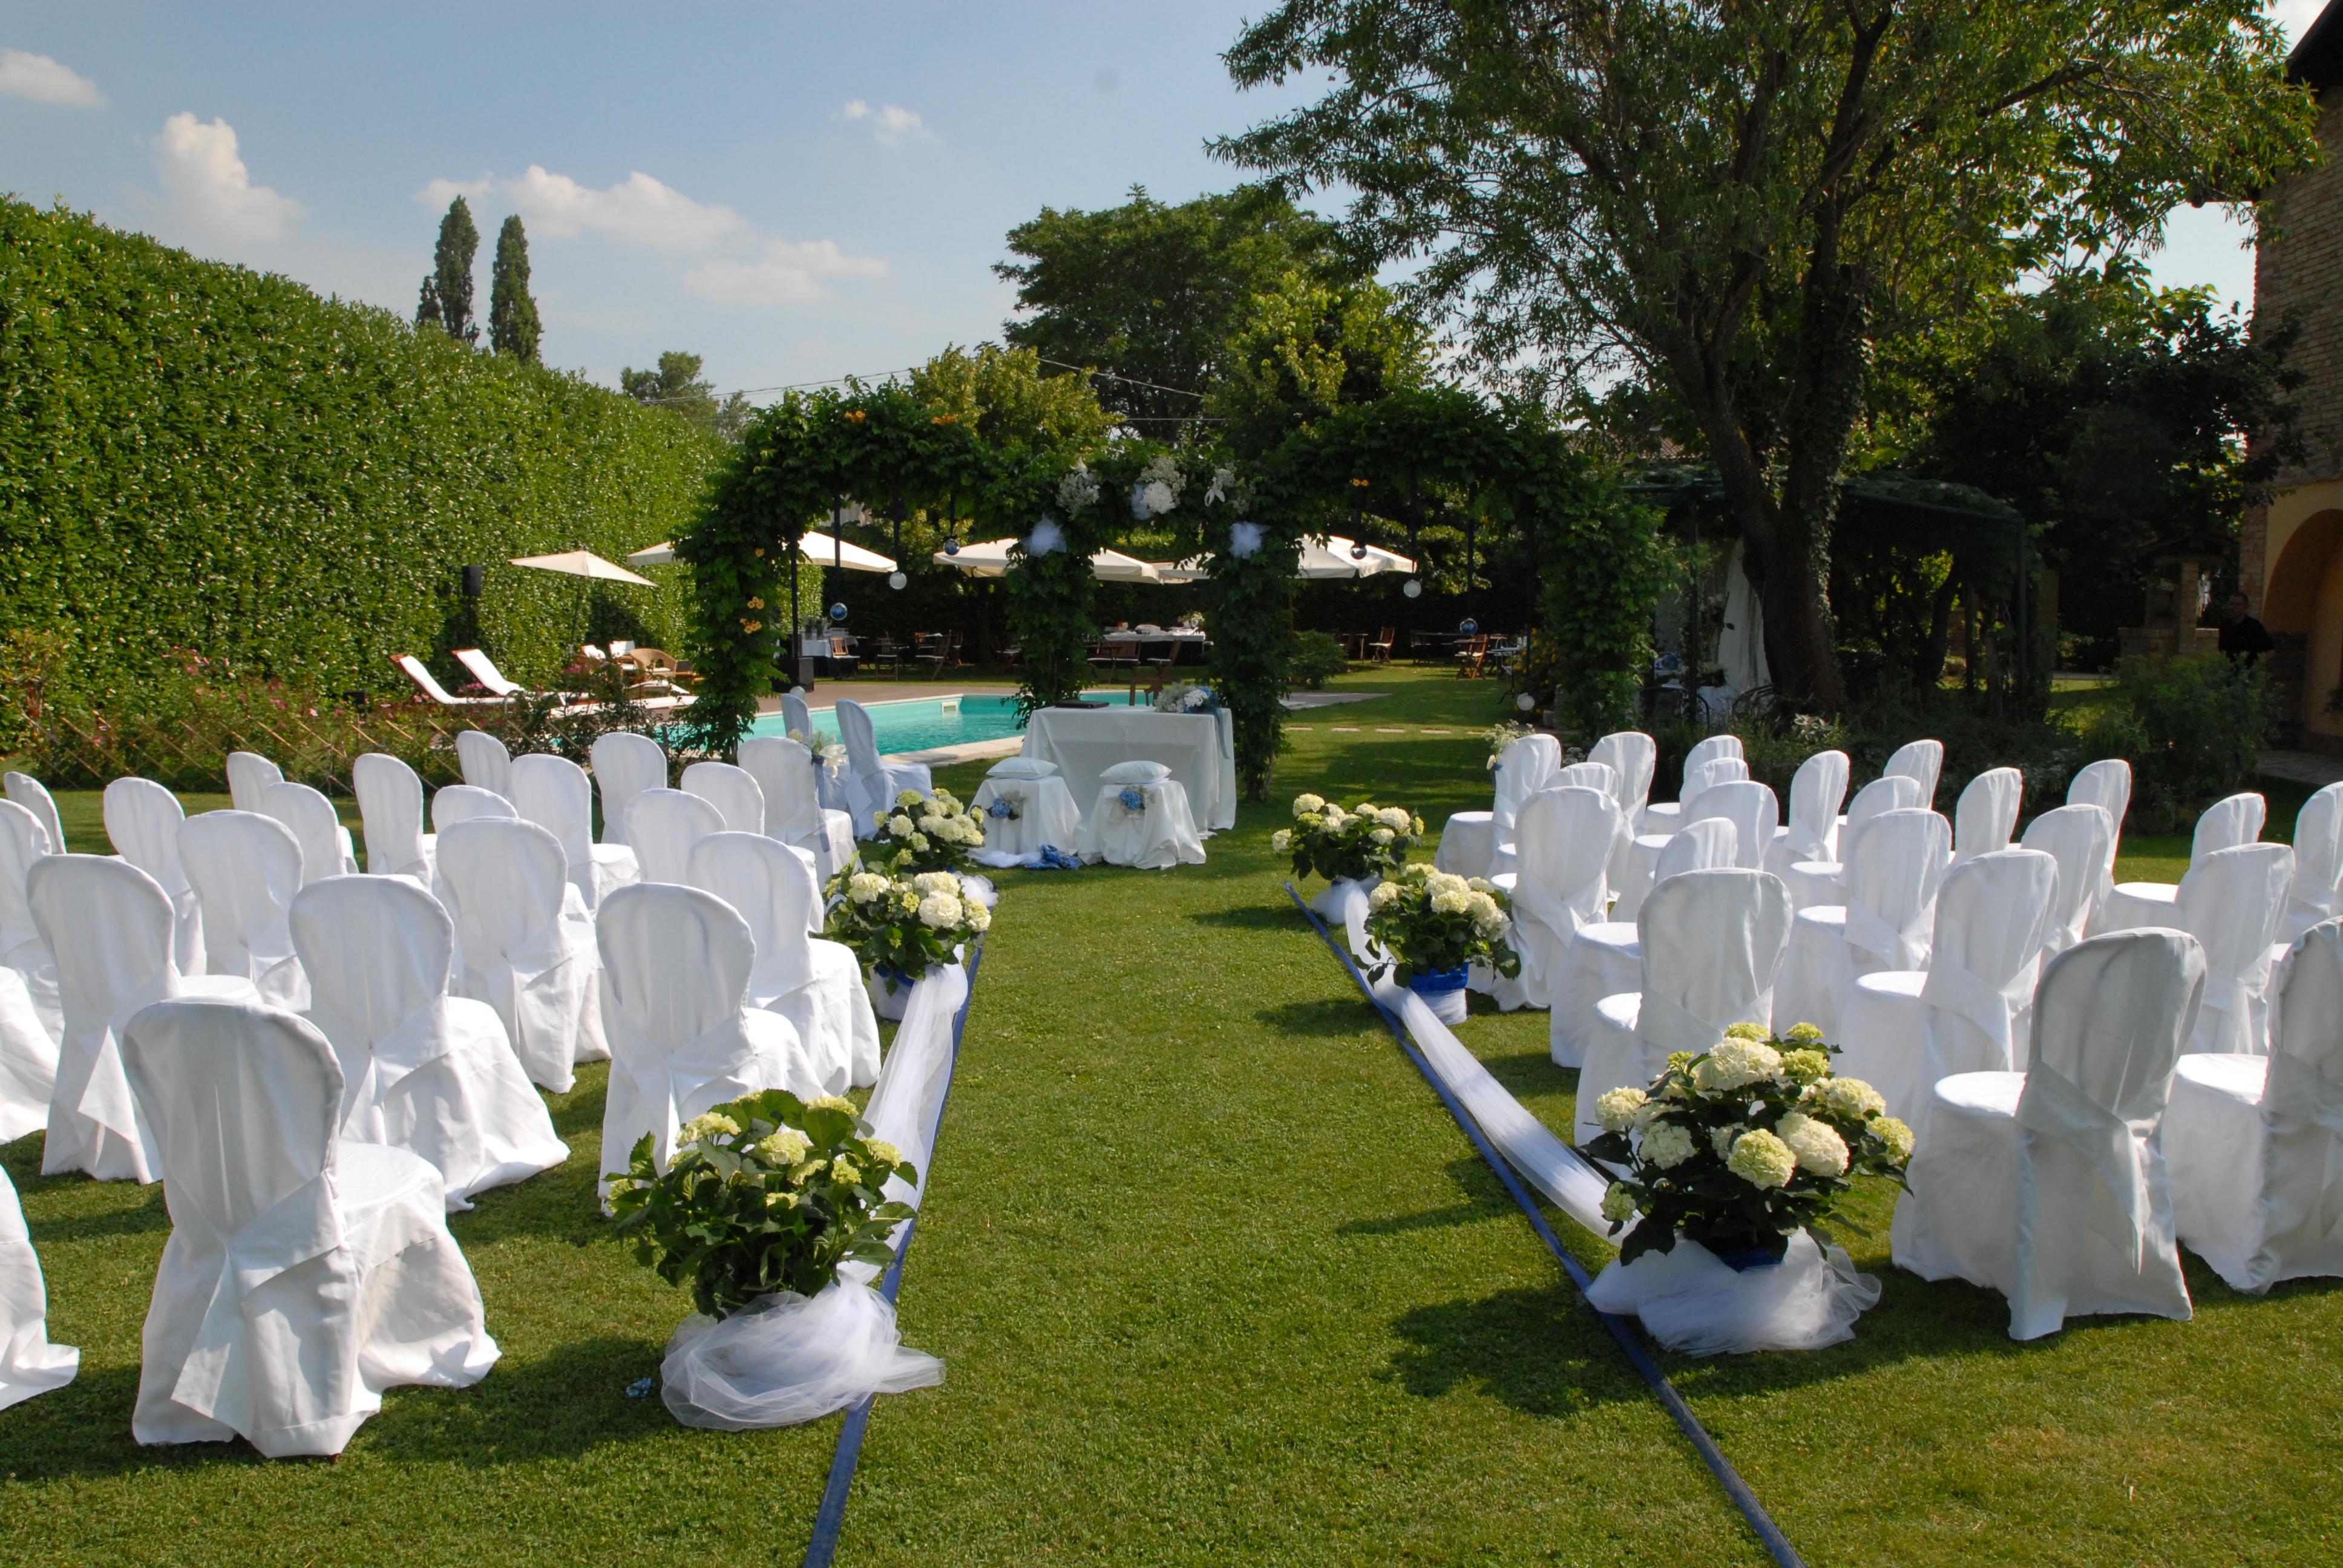 Anniversario Di Matrimonio Nei Sogni.Wedding Planner Torino Matrimoni Feste Ed Eventi A Torino E